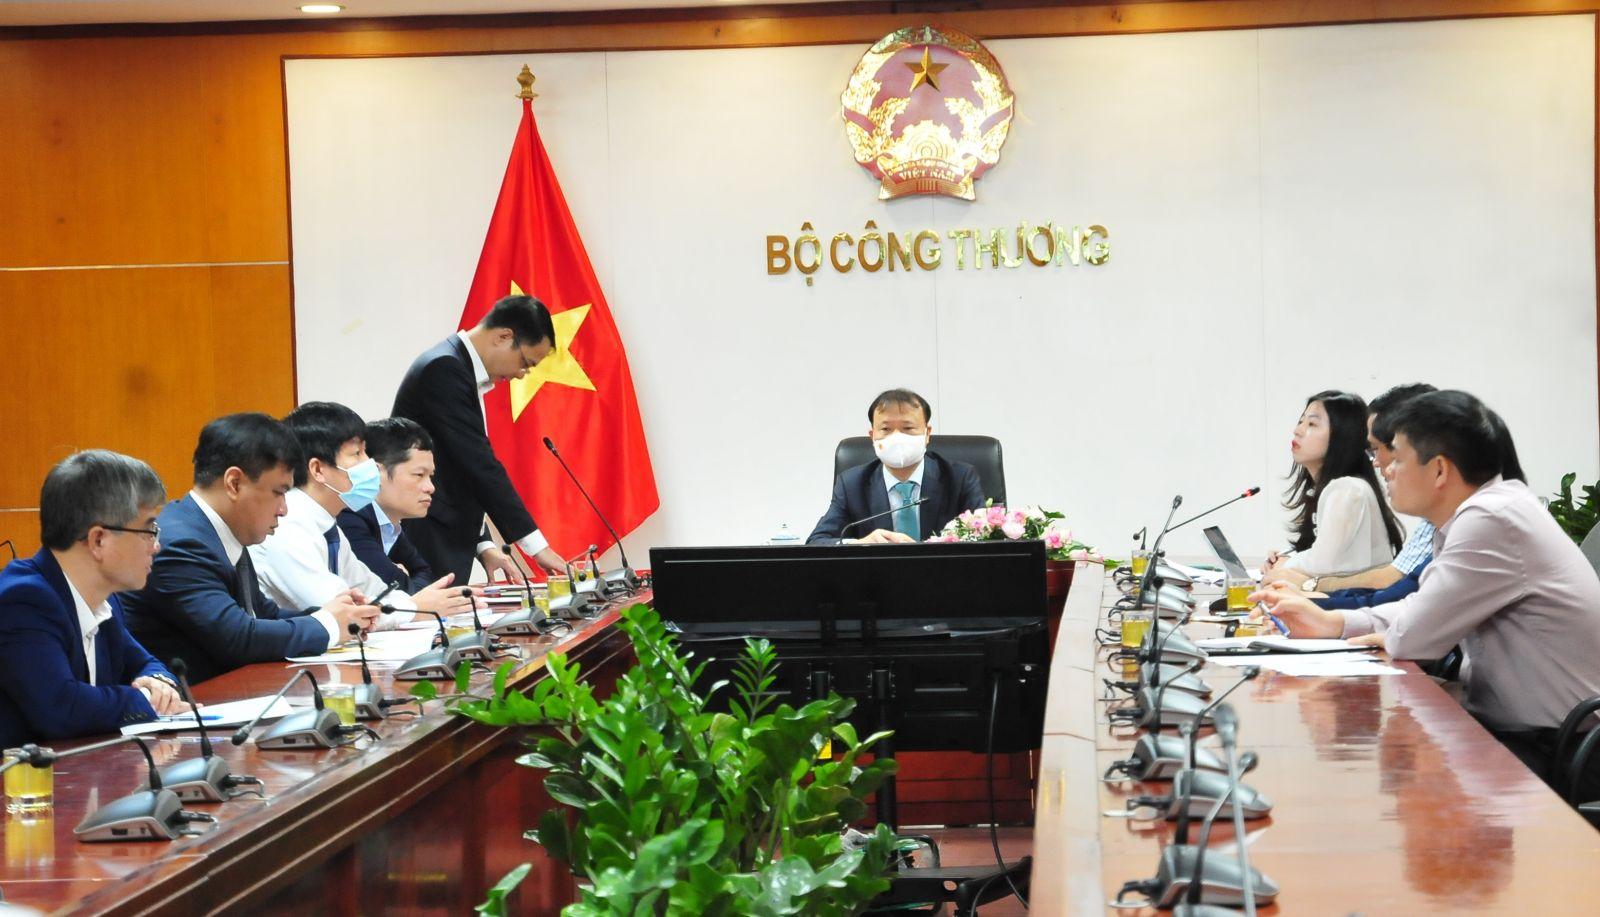 Samsung Việt Nam: Nhiều đơn hàng bị hủy vì COVID-19  - Ảnh 1.